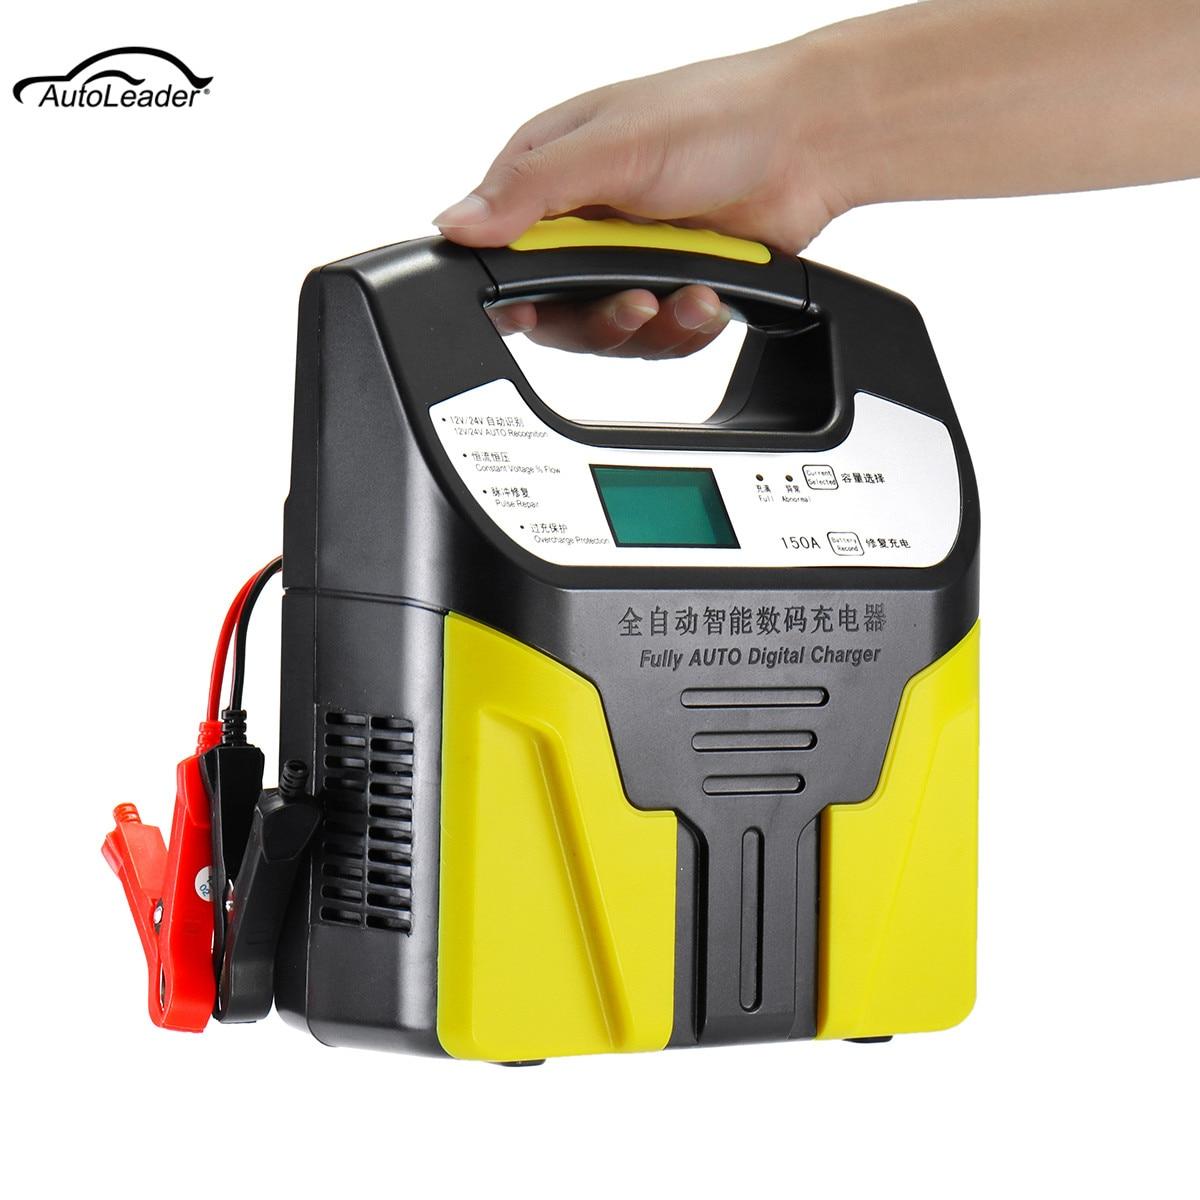 Autoleade 220 V 200 W chargeur de batterie de voiture Type de réparation Intelligent automatique avec écran LCD pour Batteries 12 V/24 V/2AH-200AH